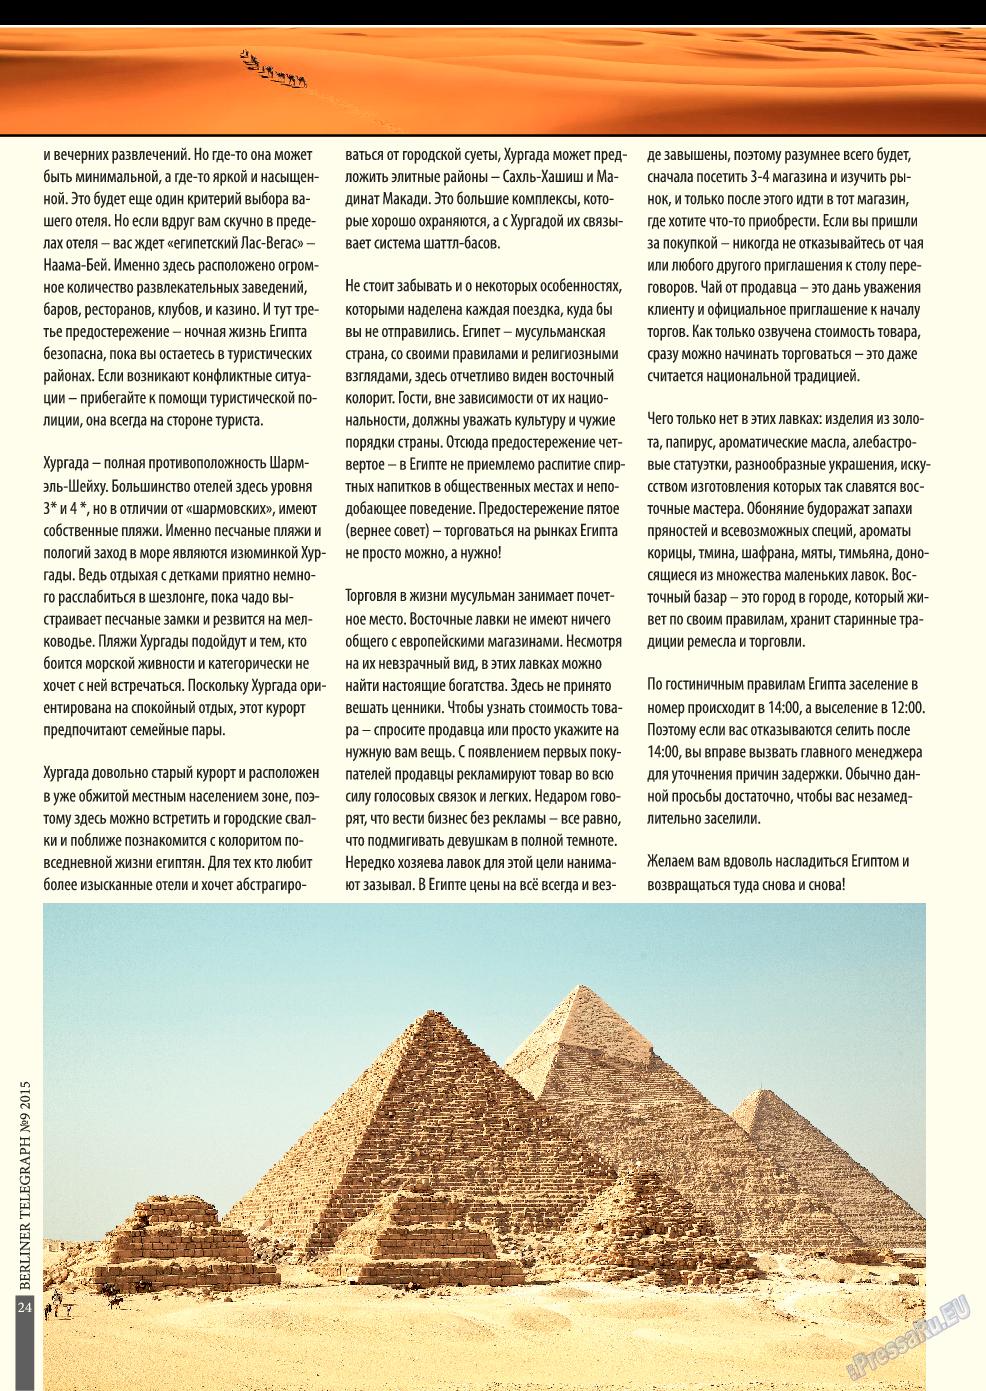 Берлинский телеграф (журнал). 2015 год, номер 9, стр. 24